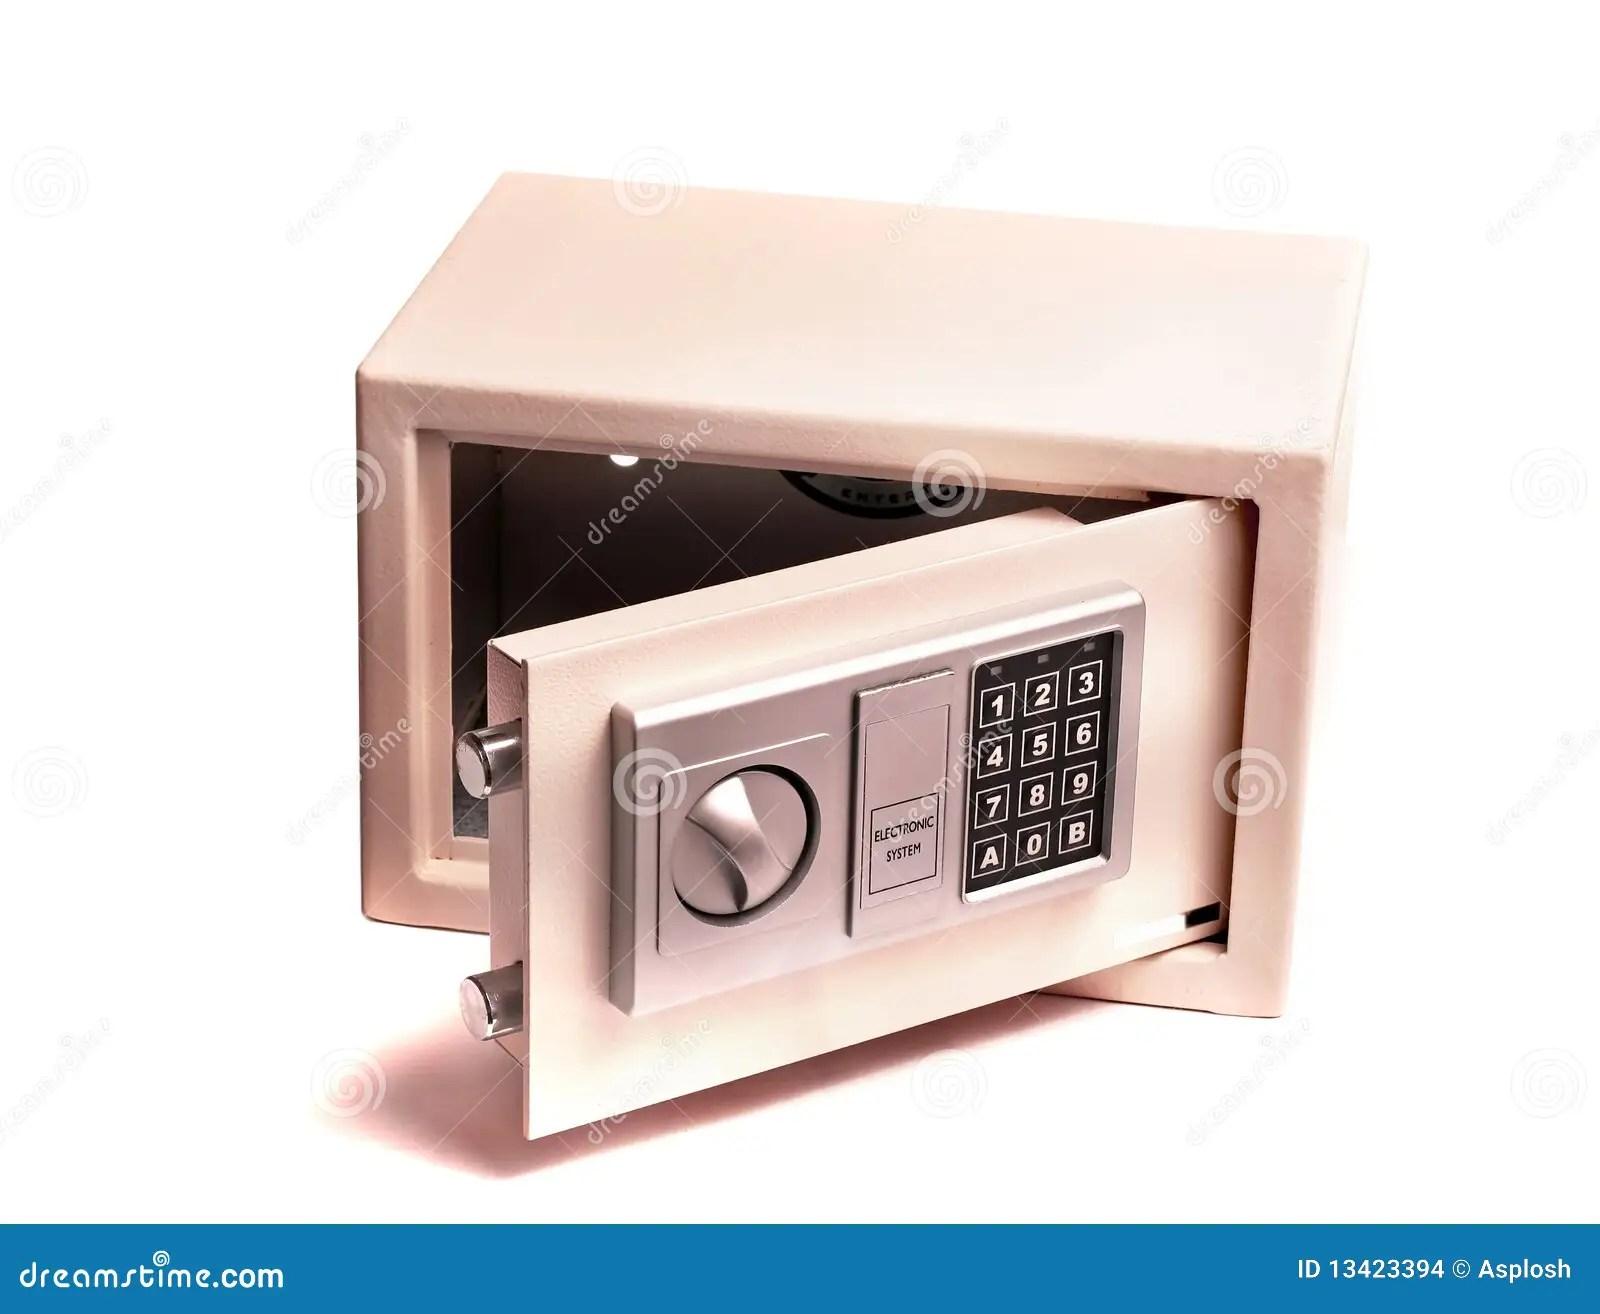 coffre fort electronique de maison ou de bureau